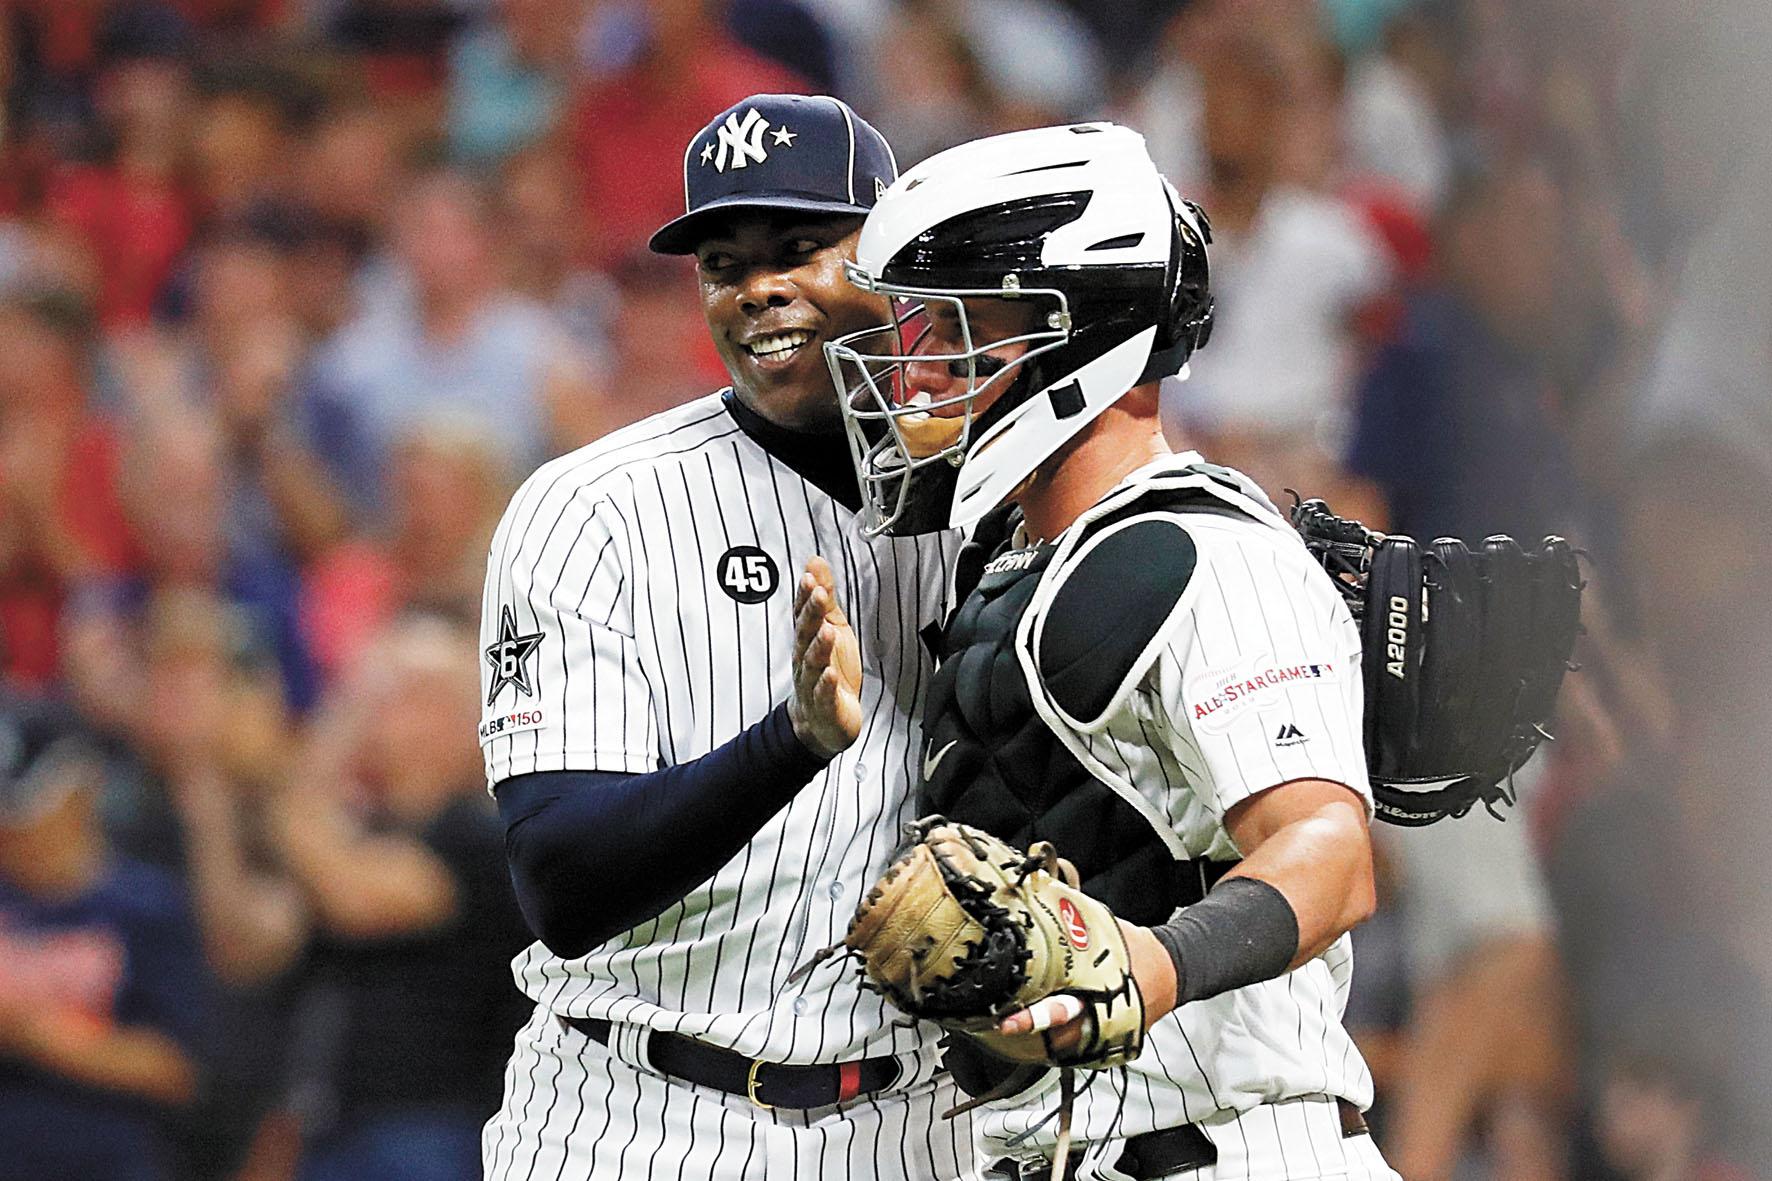 聯盟宣布洋基和白襪將會「再次」在夢幻之地大戰中相遇,圖為去年全明星賽中洋基球員與白襪球員在一起慶祝獲勝。資料圖片